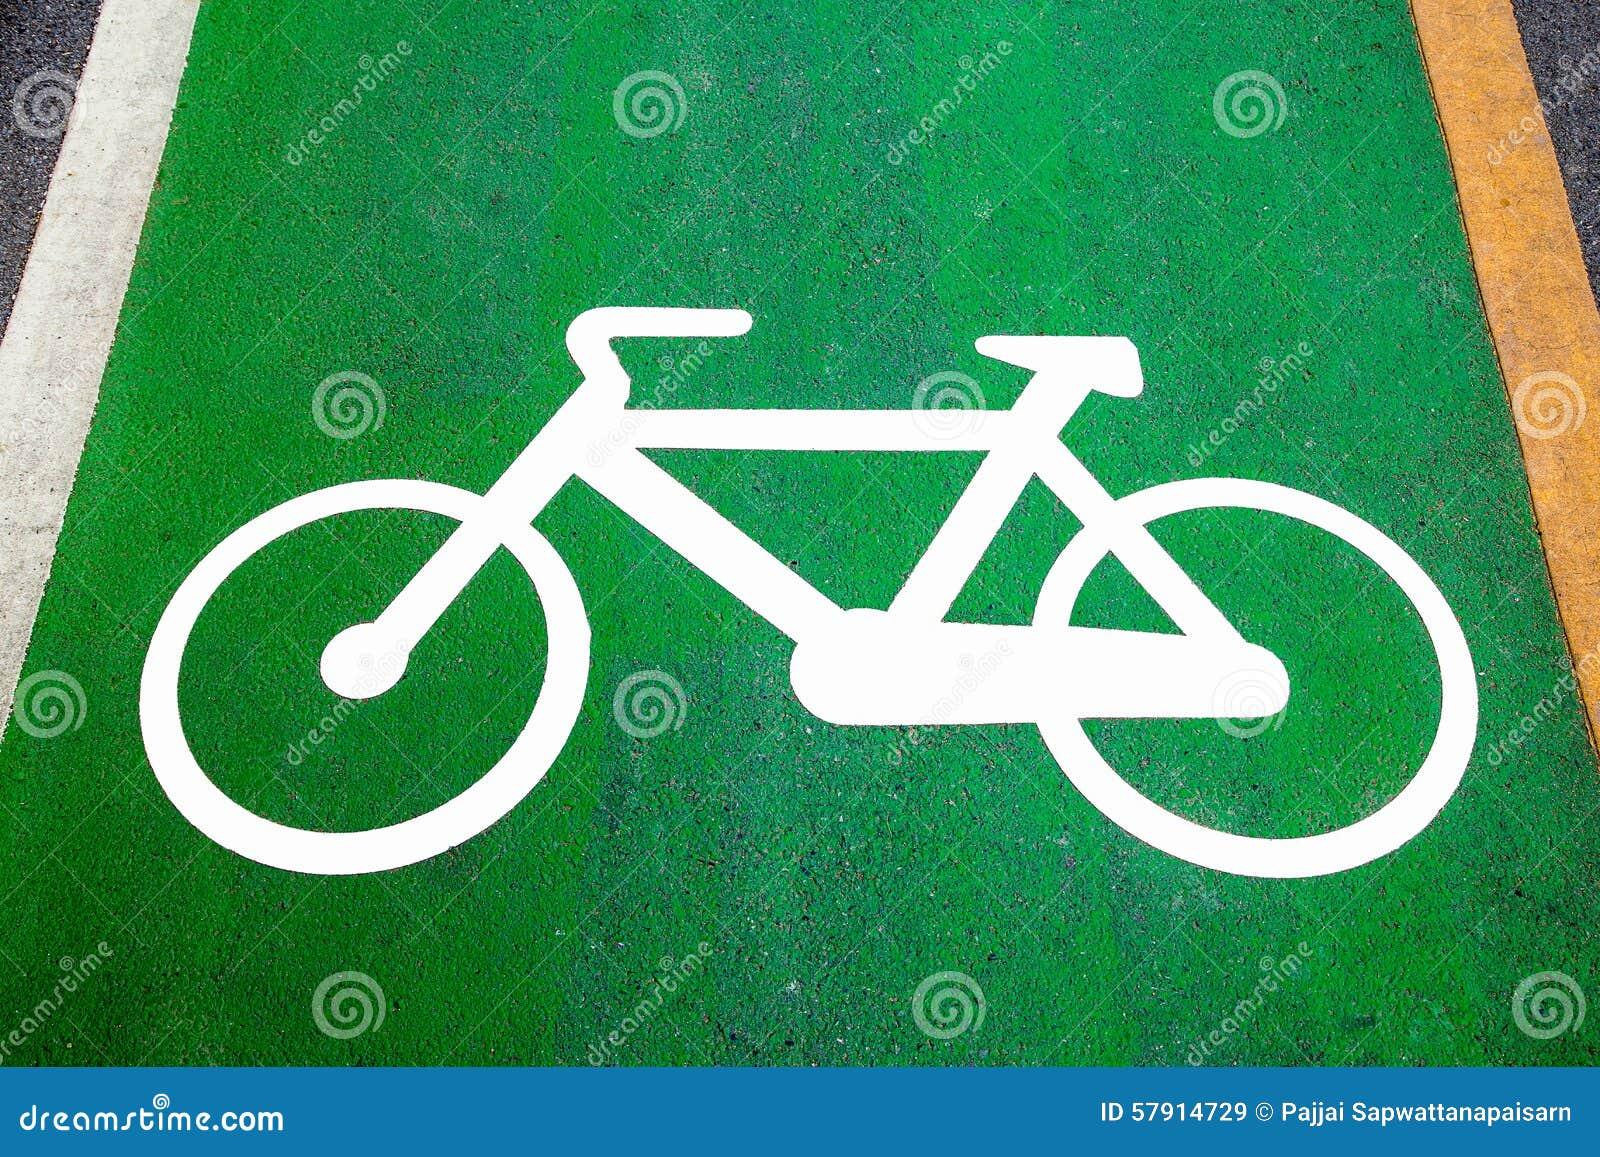 Faites du vélo les signes de ruelle peints sur une ruelle de vélo de vert (ruelle de vélo, route